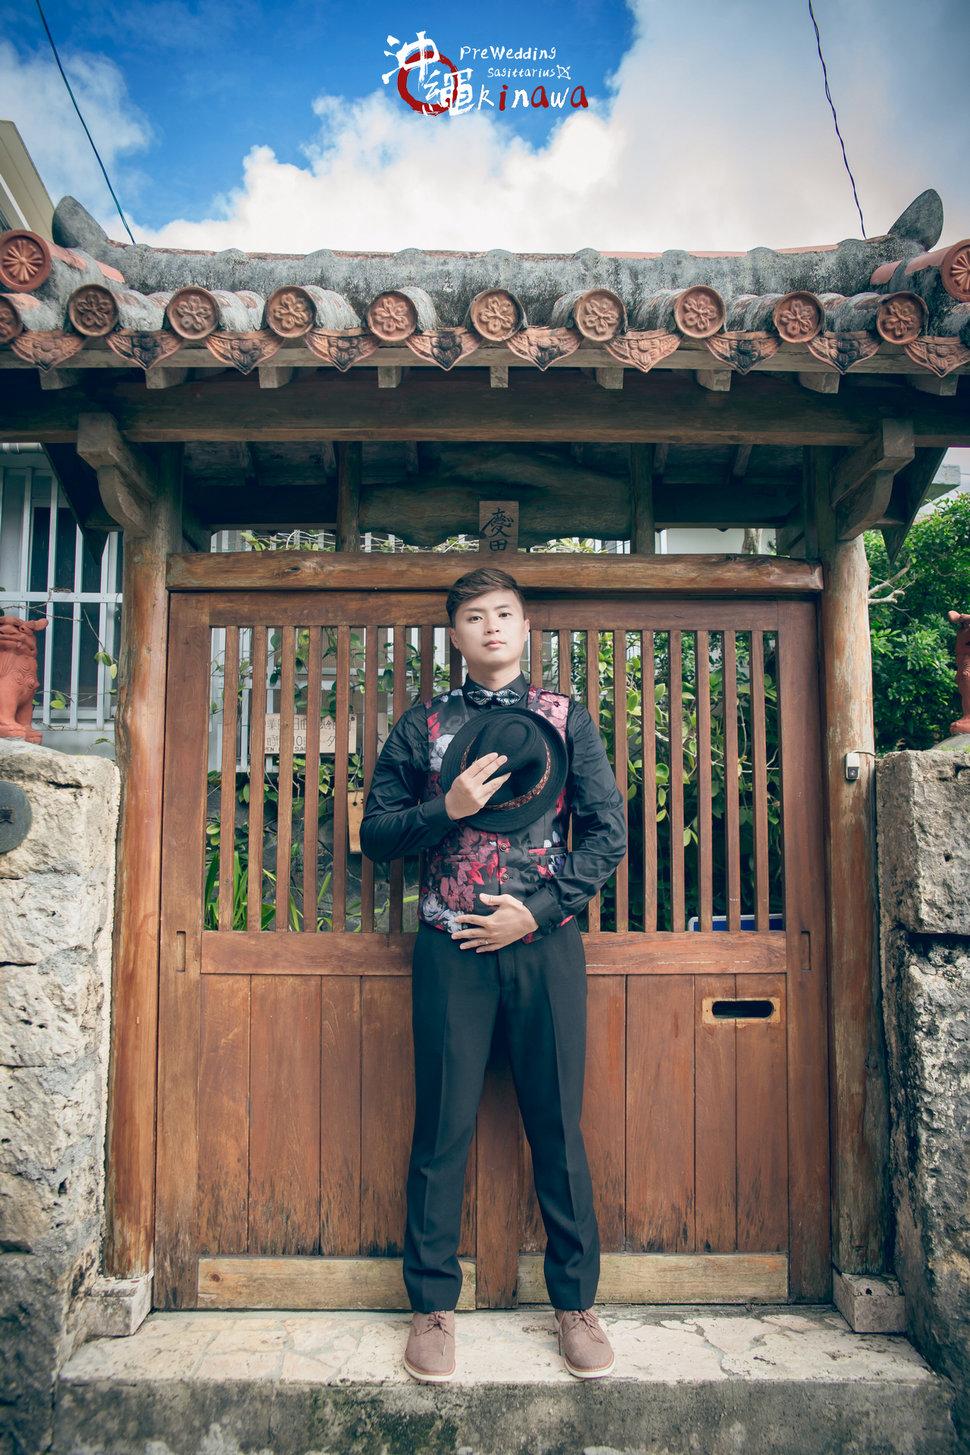 嘉麟 & 胤芳 Overseas Pre Wedding For Okinawa 沖繩海外婚紗(編號:551974) - 射手的天空 / 海外婚紗 婚禮 婚攝工作 - 結婚吧